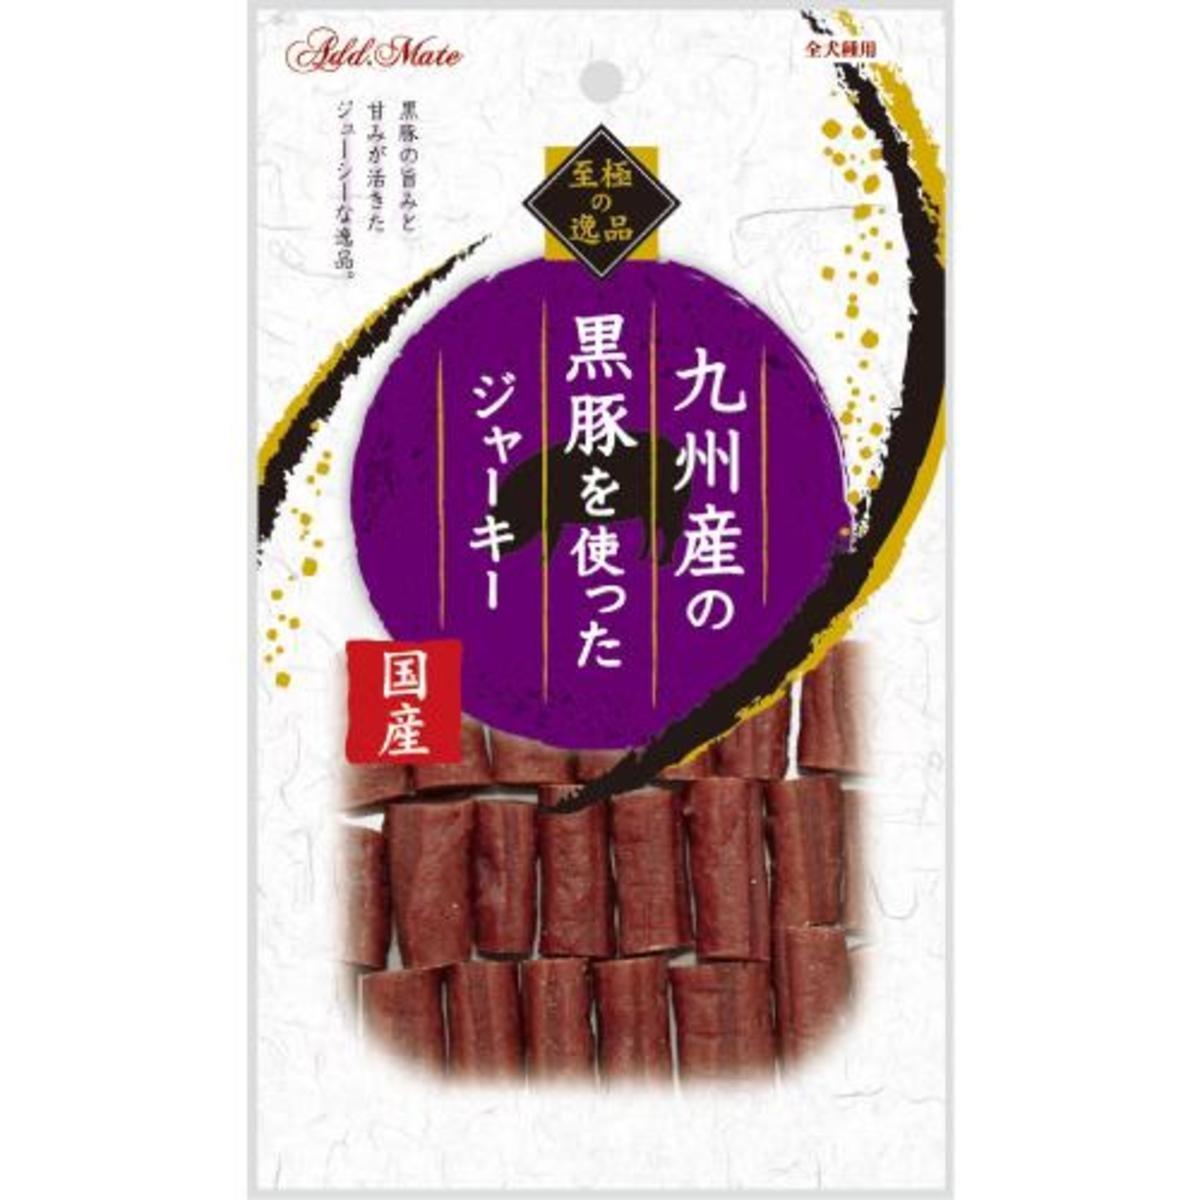 狗小食九州黑豬肉乾(A12374)